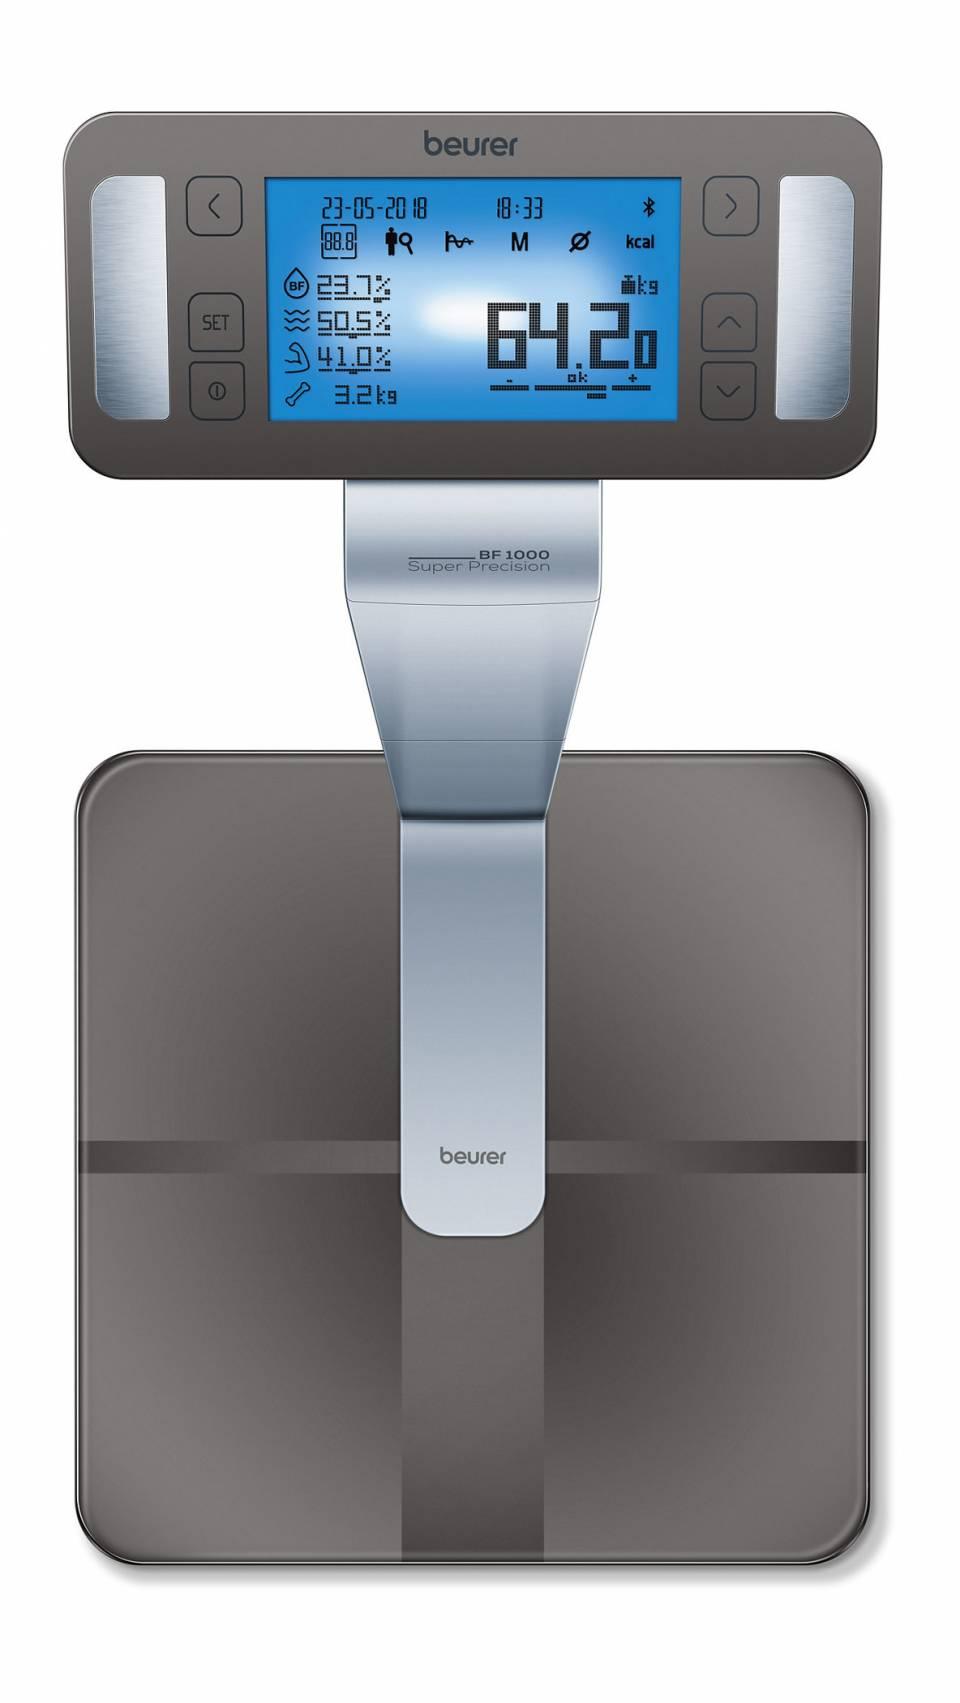 Beurer Waage BF 1000 Super Precision mit Segmentanalyse.